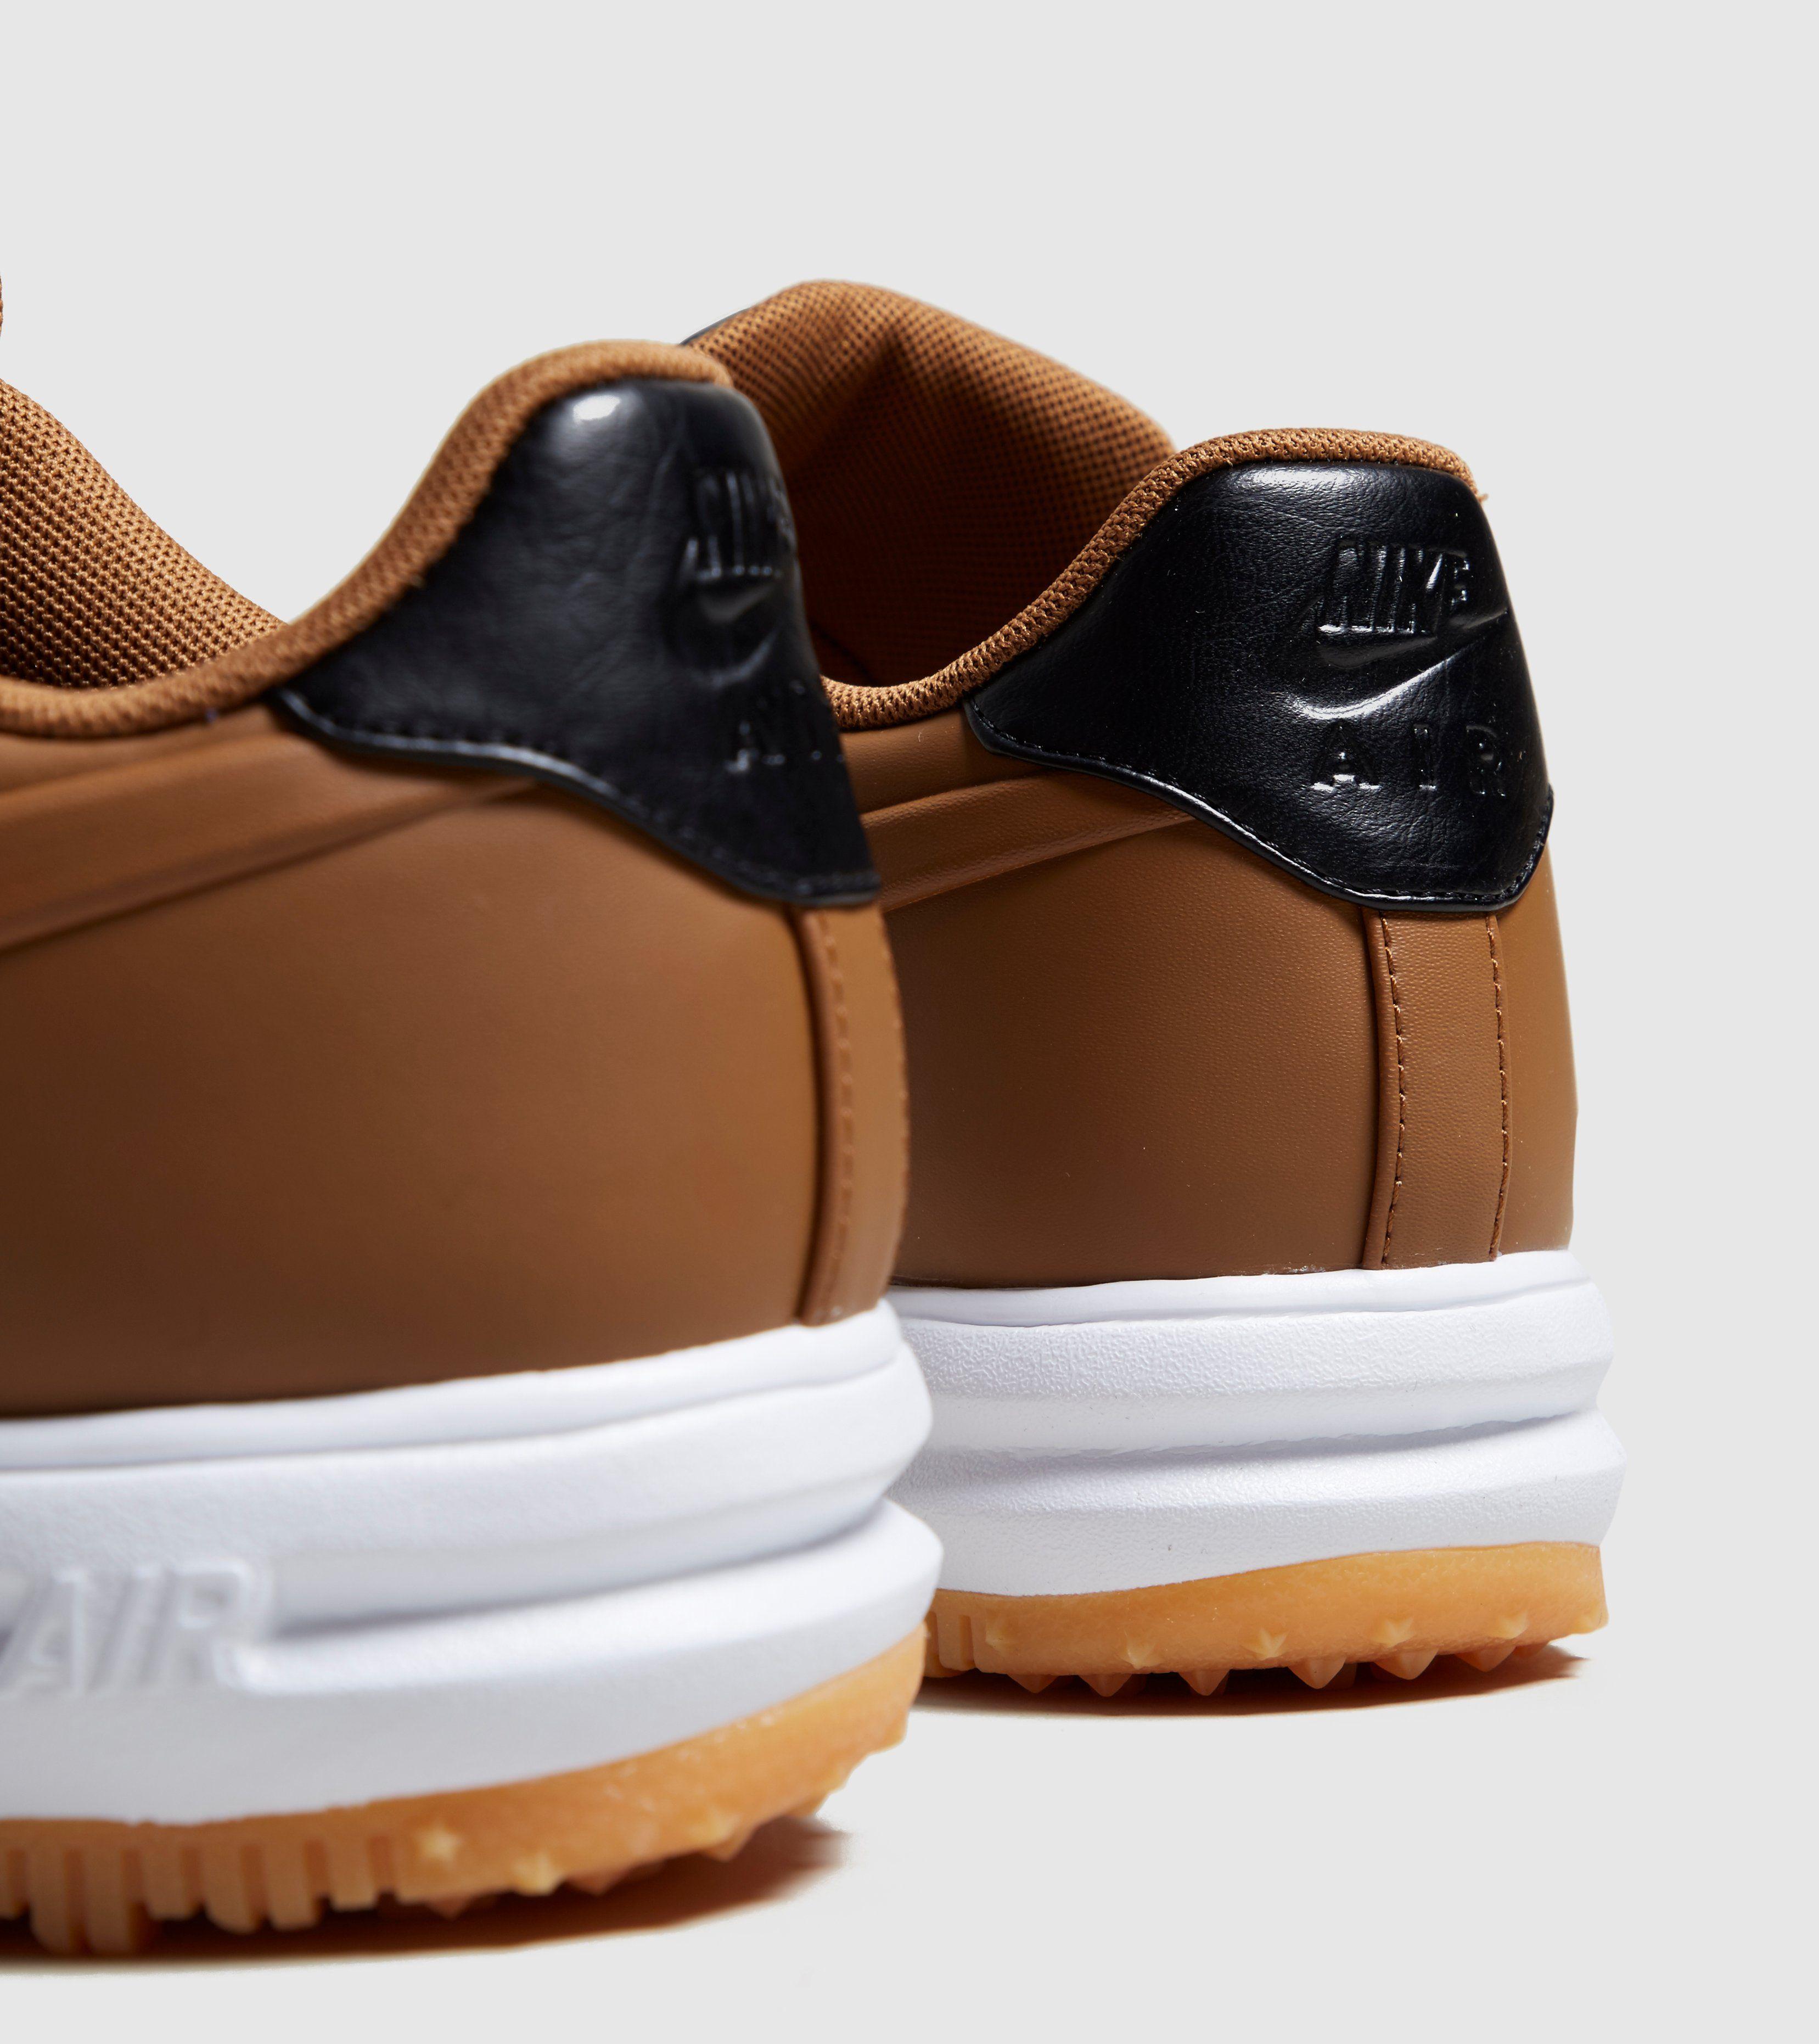 Nike Lunar Force 1 Duckboot Low